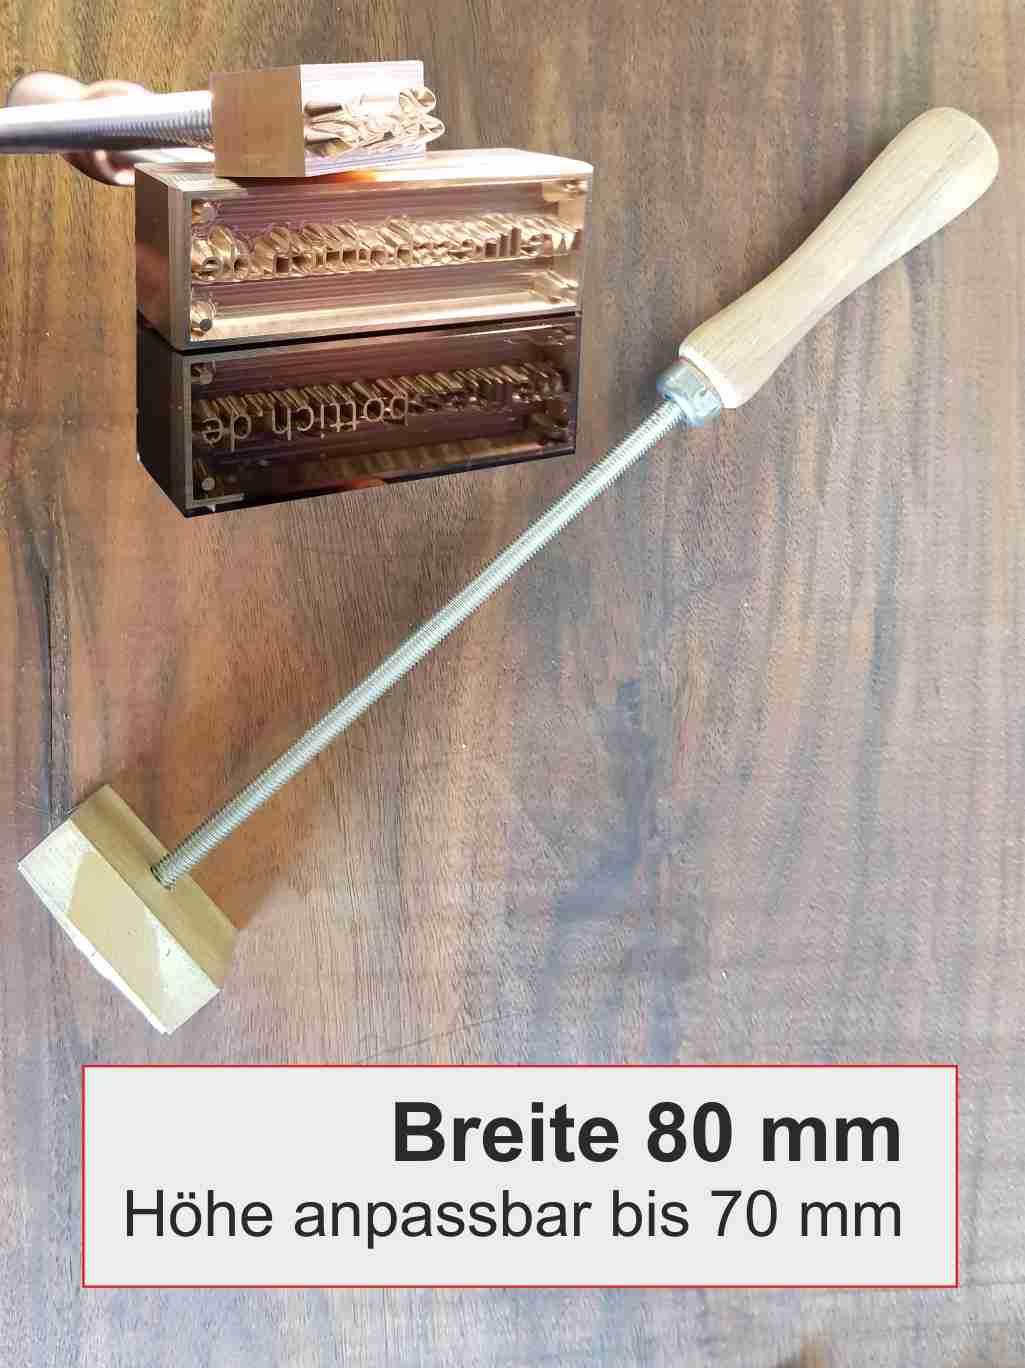 Brandstempel manuell | Breite 80 mm